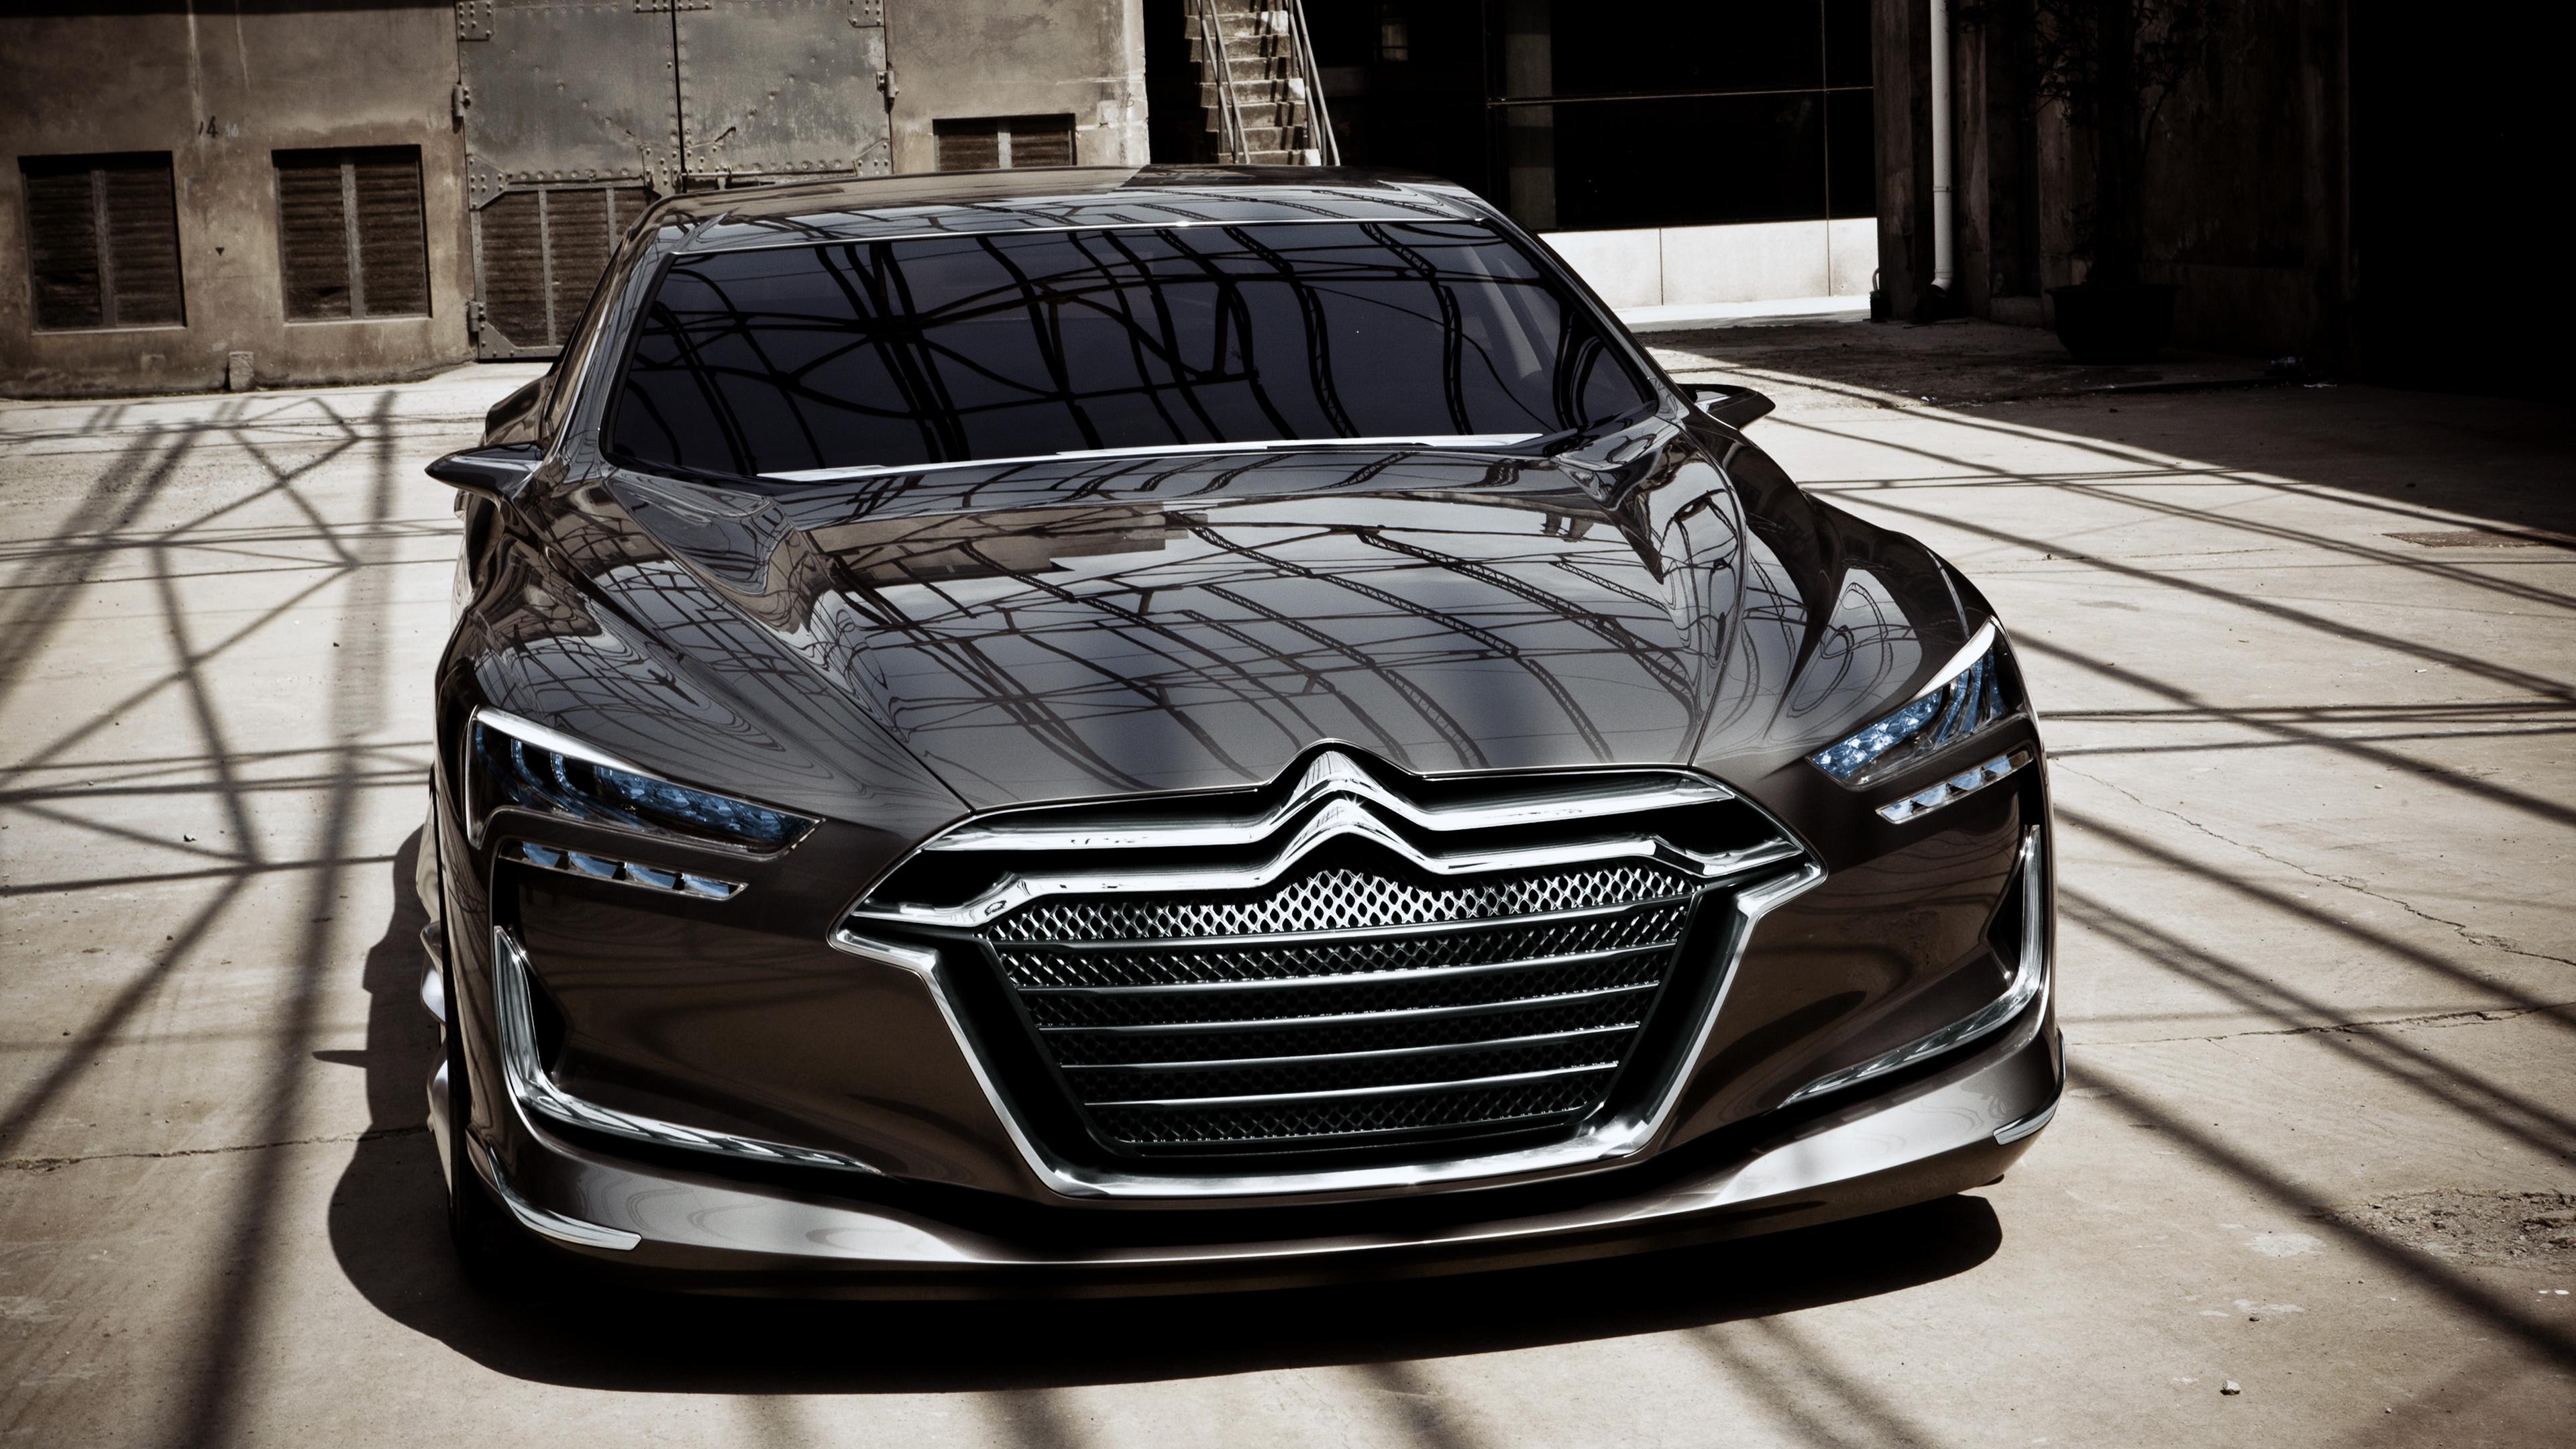 Www Hummer Limousine Car Wallpapers Com 2016 Citroen Metropolis Concept Wallpaper Hd Car